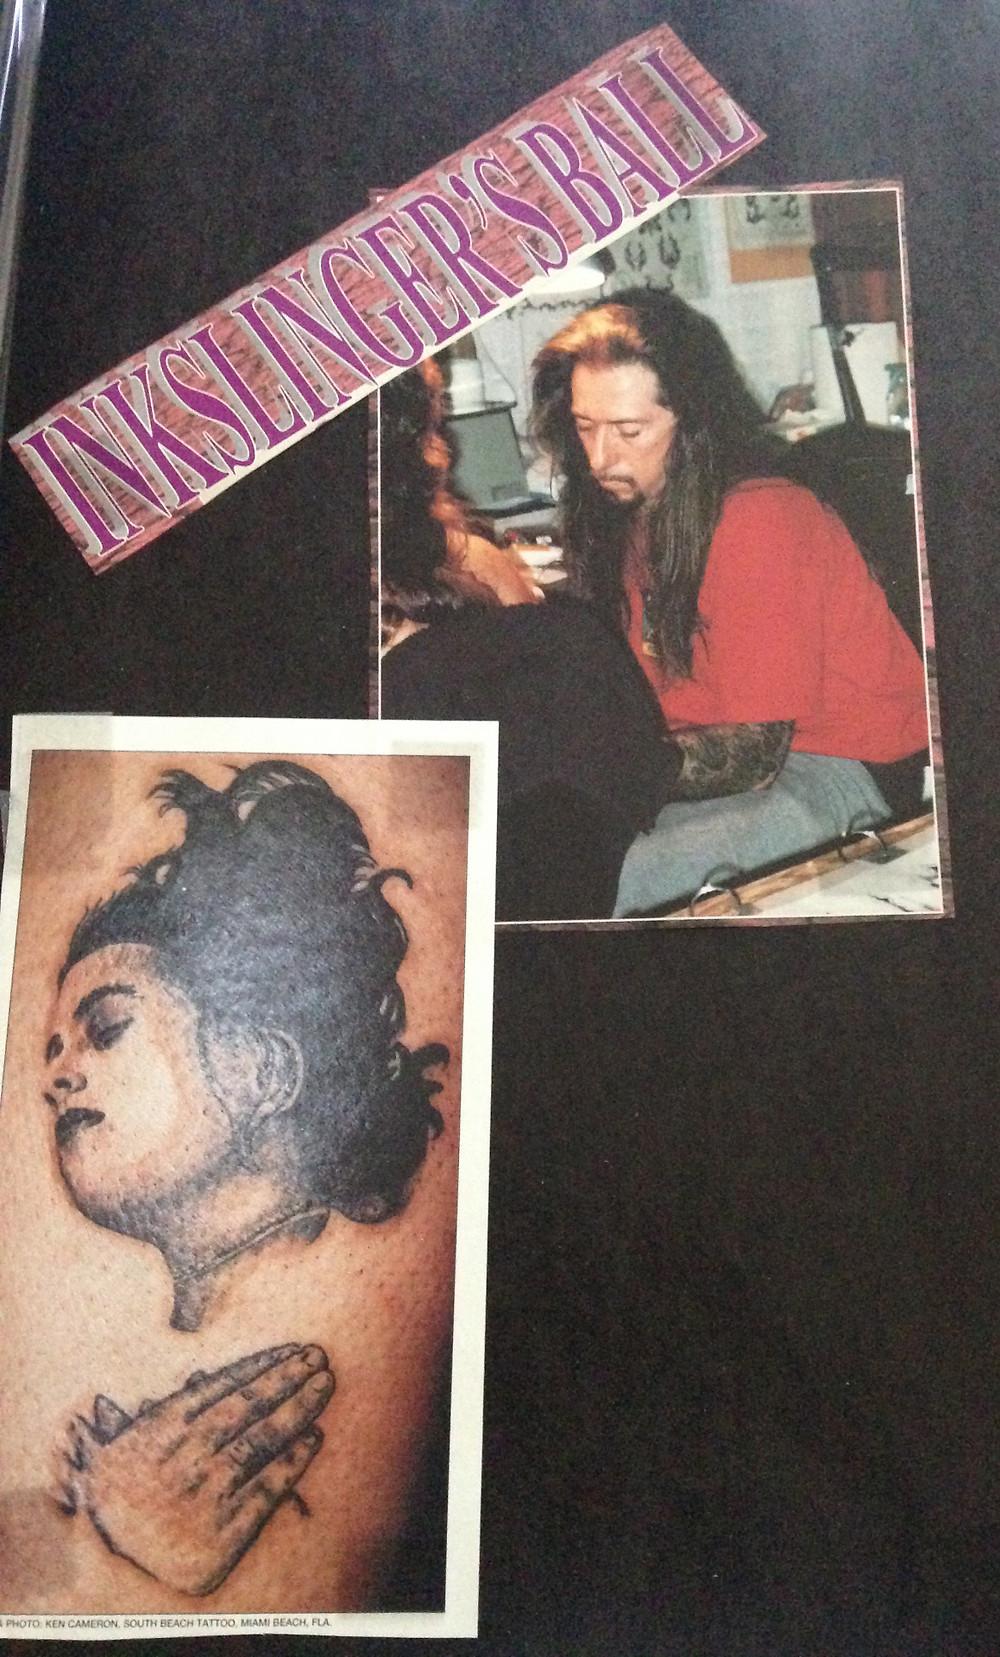 Inkslinger's Ball 1993